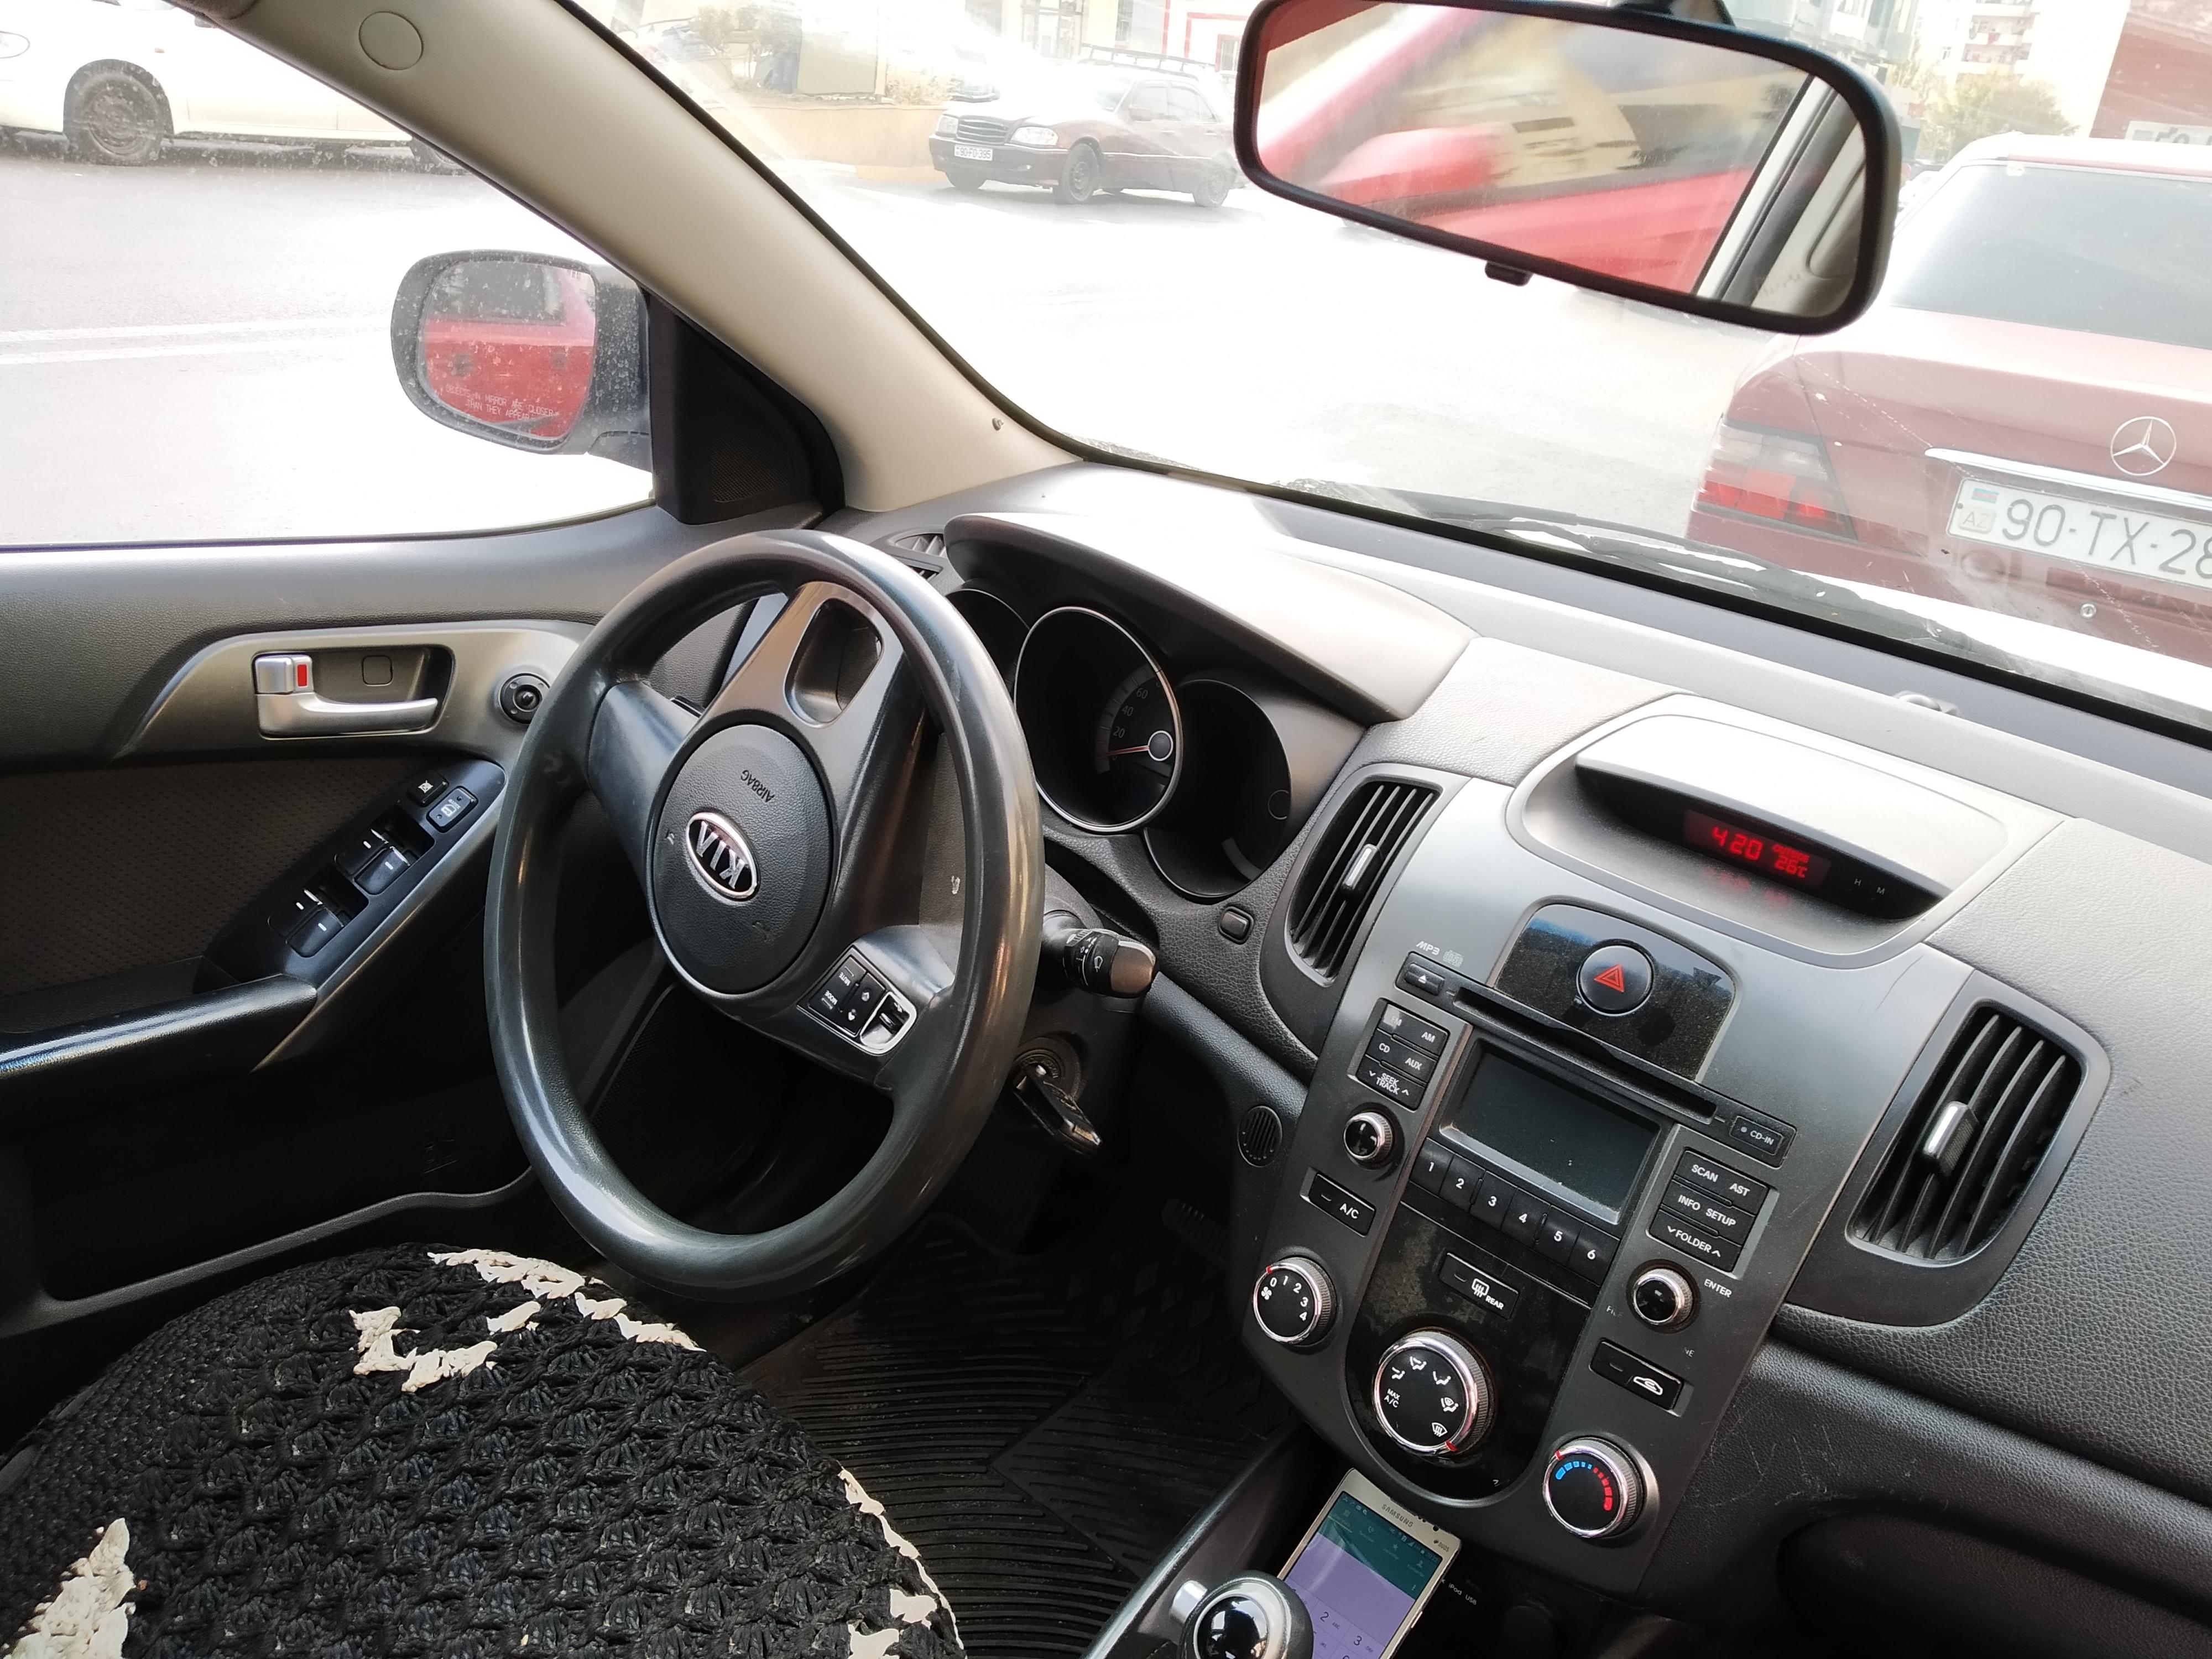 Kia Cerato 1.6(lt) 2011 Подержанный  $17000